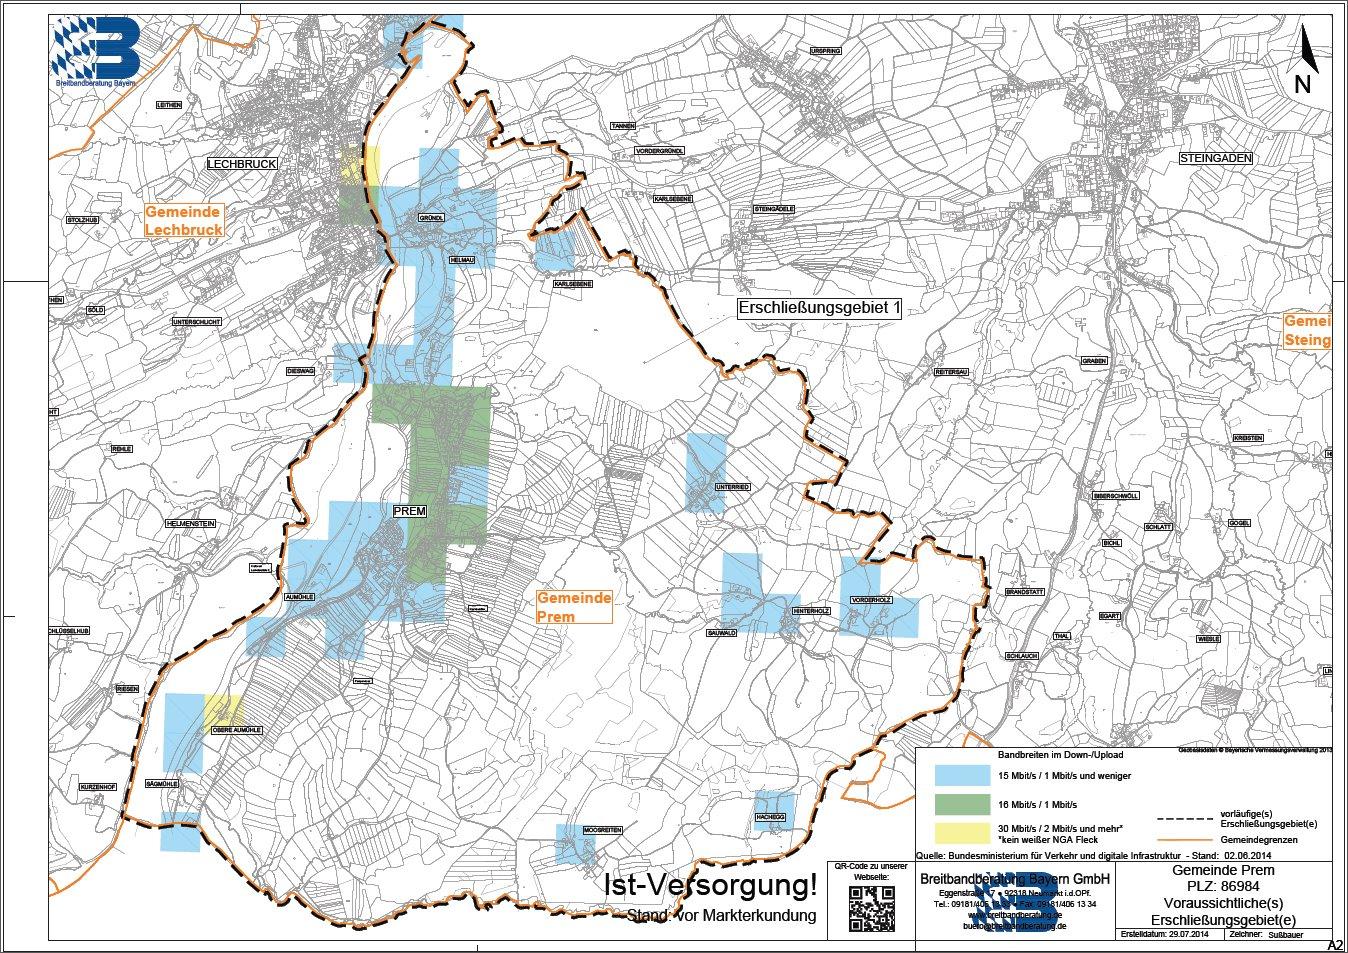 Karte des vorläufigen Erschließungsgebietes mit Ist-Versorgung vor der Markterkundung.